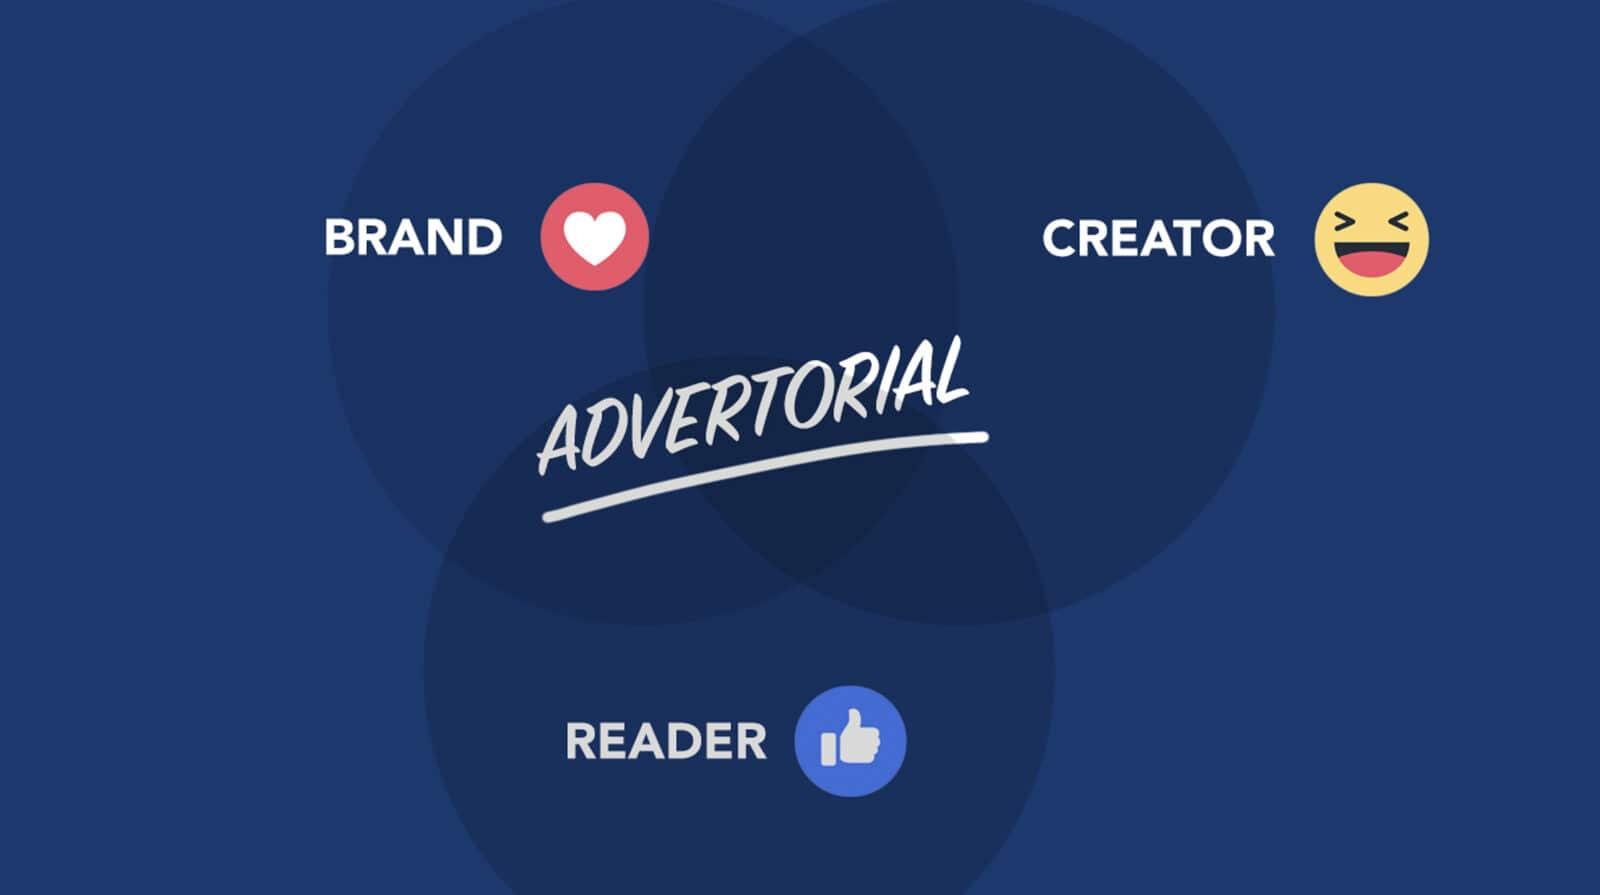 เคล็ดลับ ทำ Advertorial ยังไงให้ Happy กันทั้งตัวเรา, แบรนด์ และ คนอ่าน